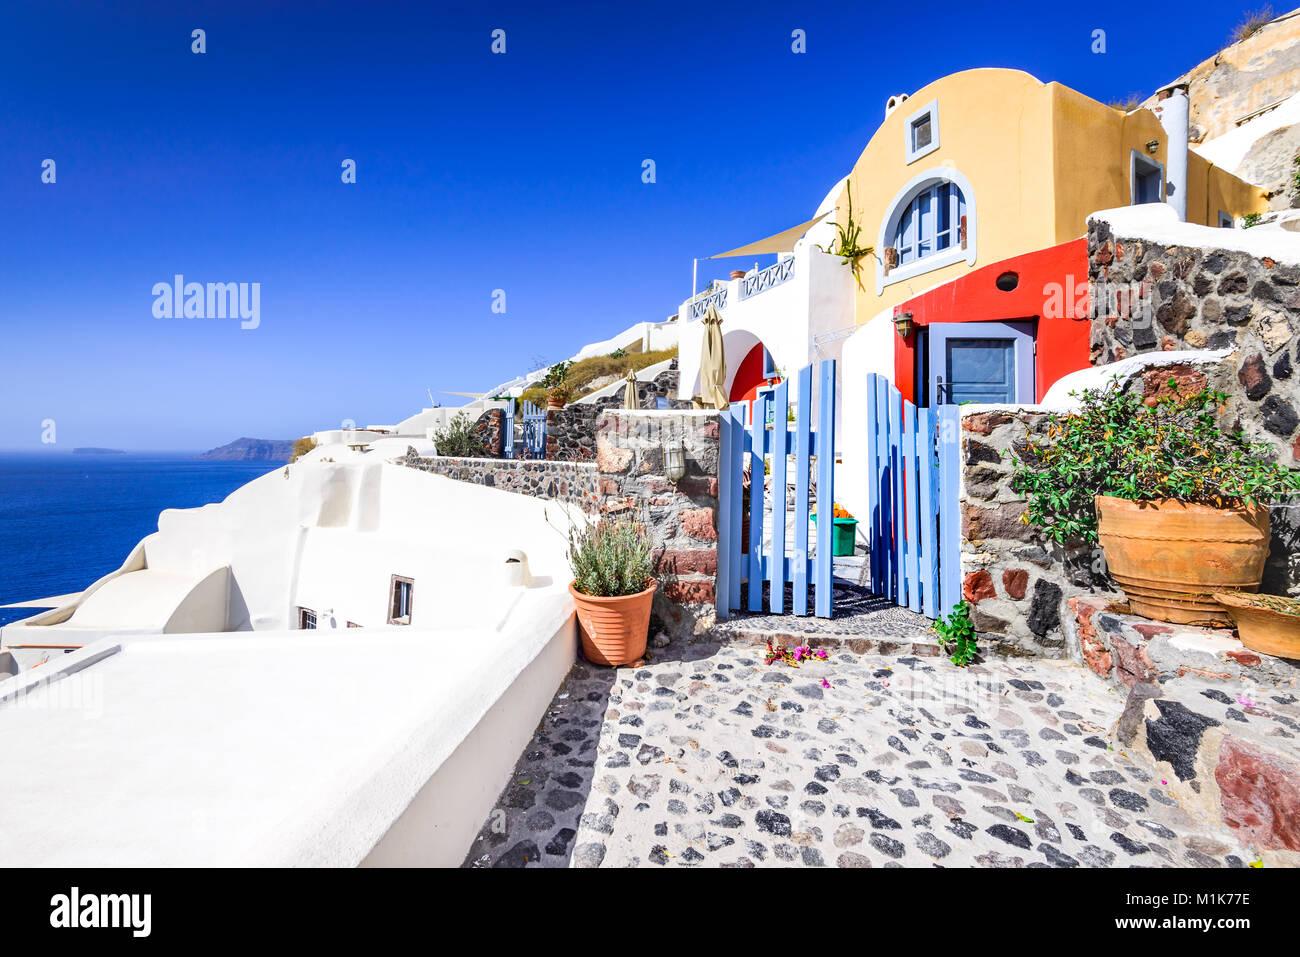 Oia, SANTORIN - Grèce. Célèbre attraction de village blanc avec des rues pavées et maisons colorées, Photo Stock